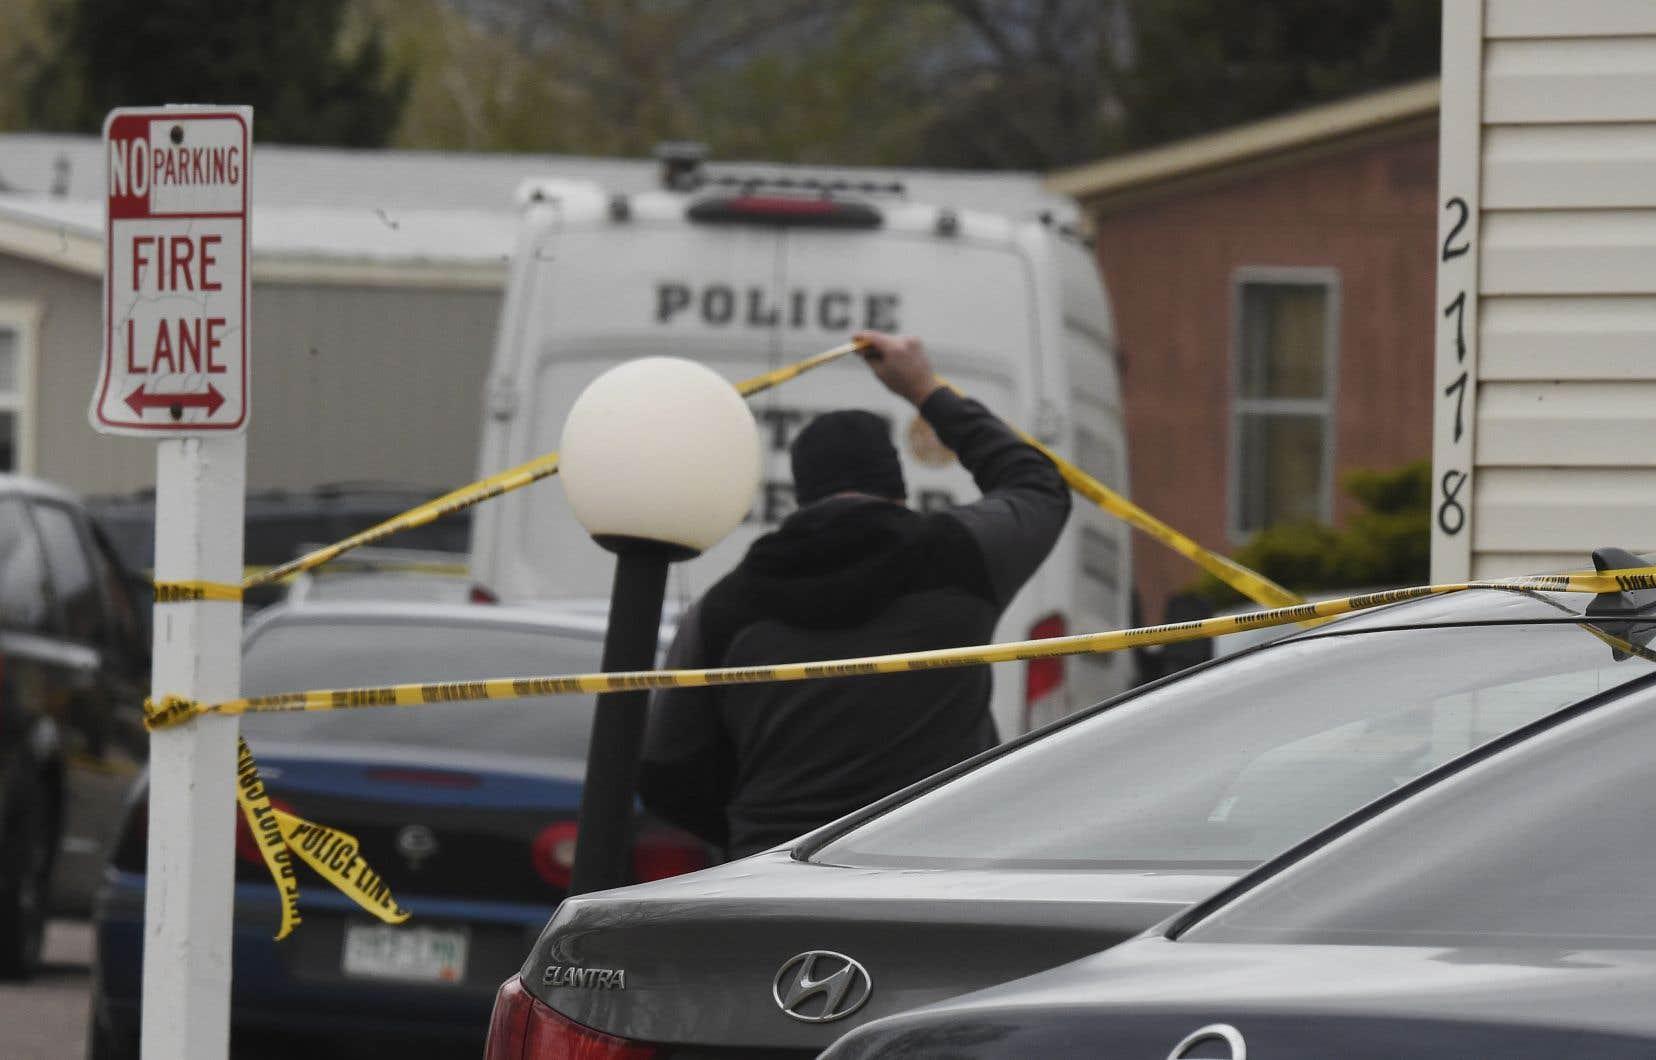 Les premiers éléments de l'enquête ont révélé que les tirs ont éclaté dans l'une des maisons mobiles, où des familles étaient réunies pour fêter un anniversaire.